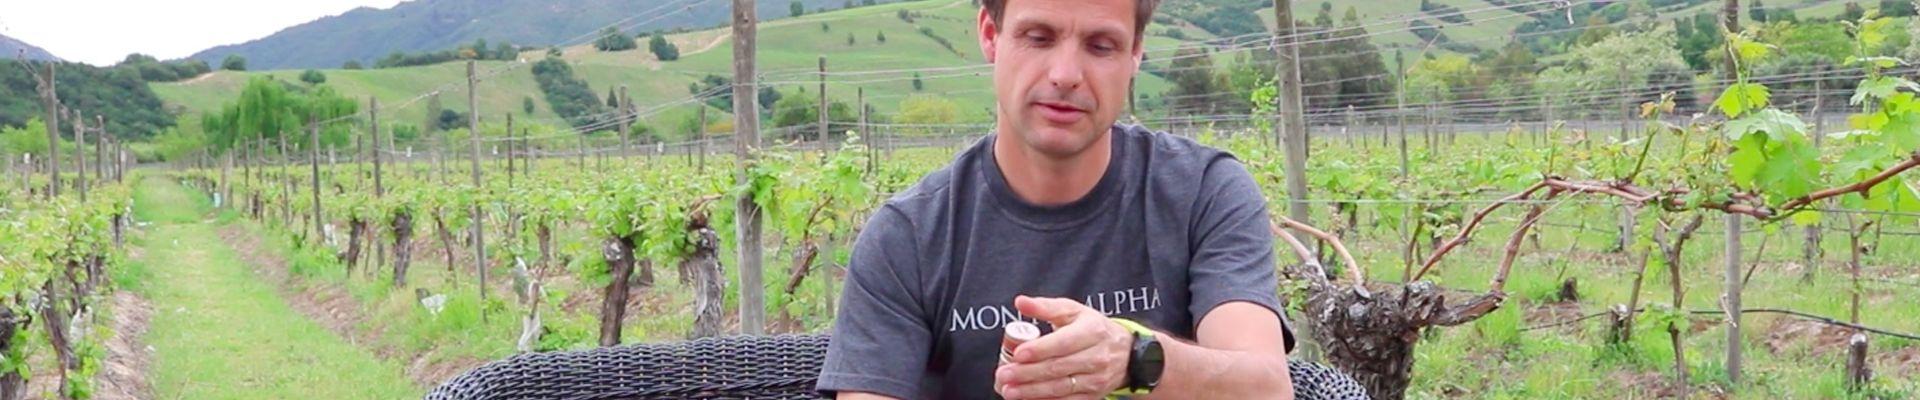 Los Mitos y Beneficios de la Tapa Rosca en el Vino